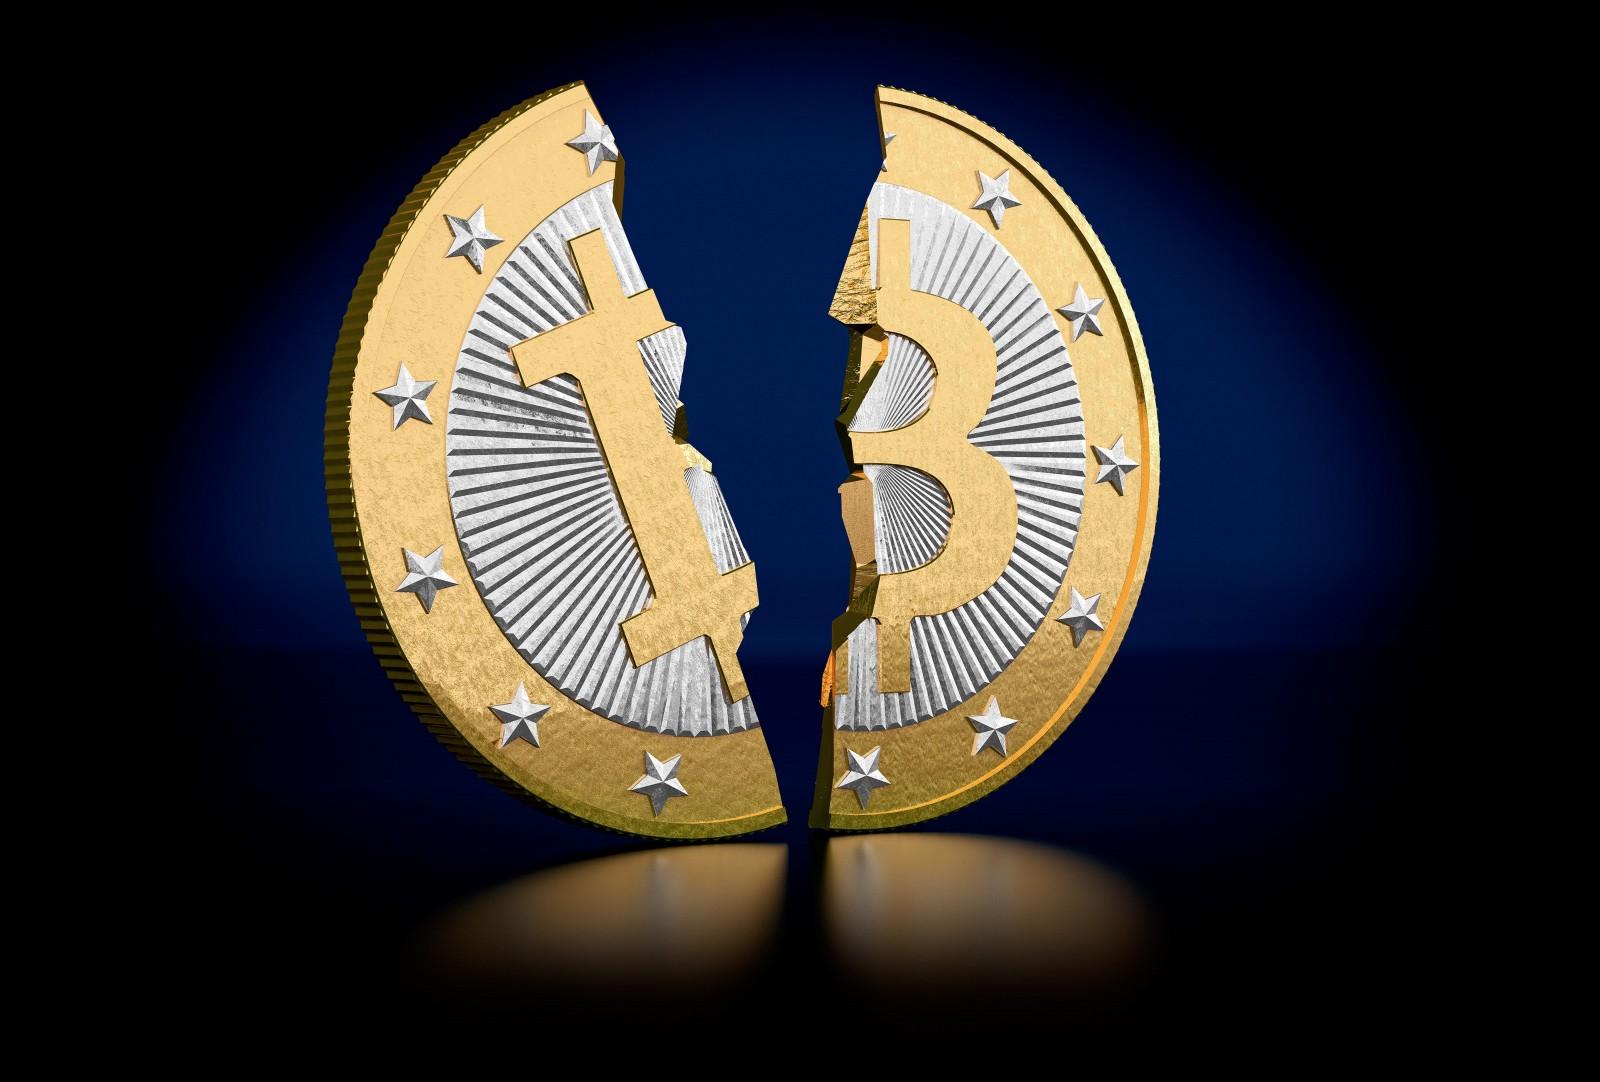 deVere Group: за 10 лет биткоин утратит лидерство, а капитализация рынка достигнет $20 трлн